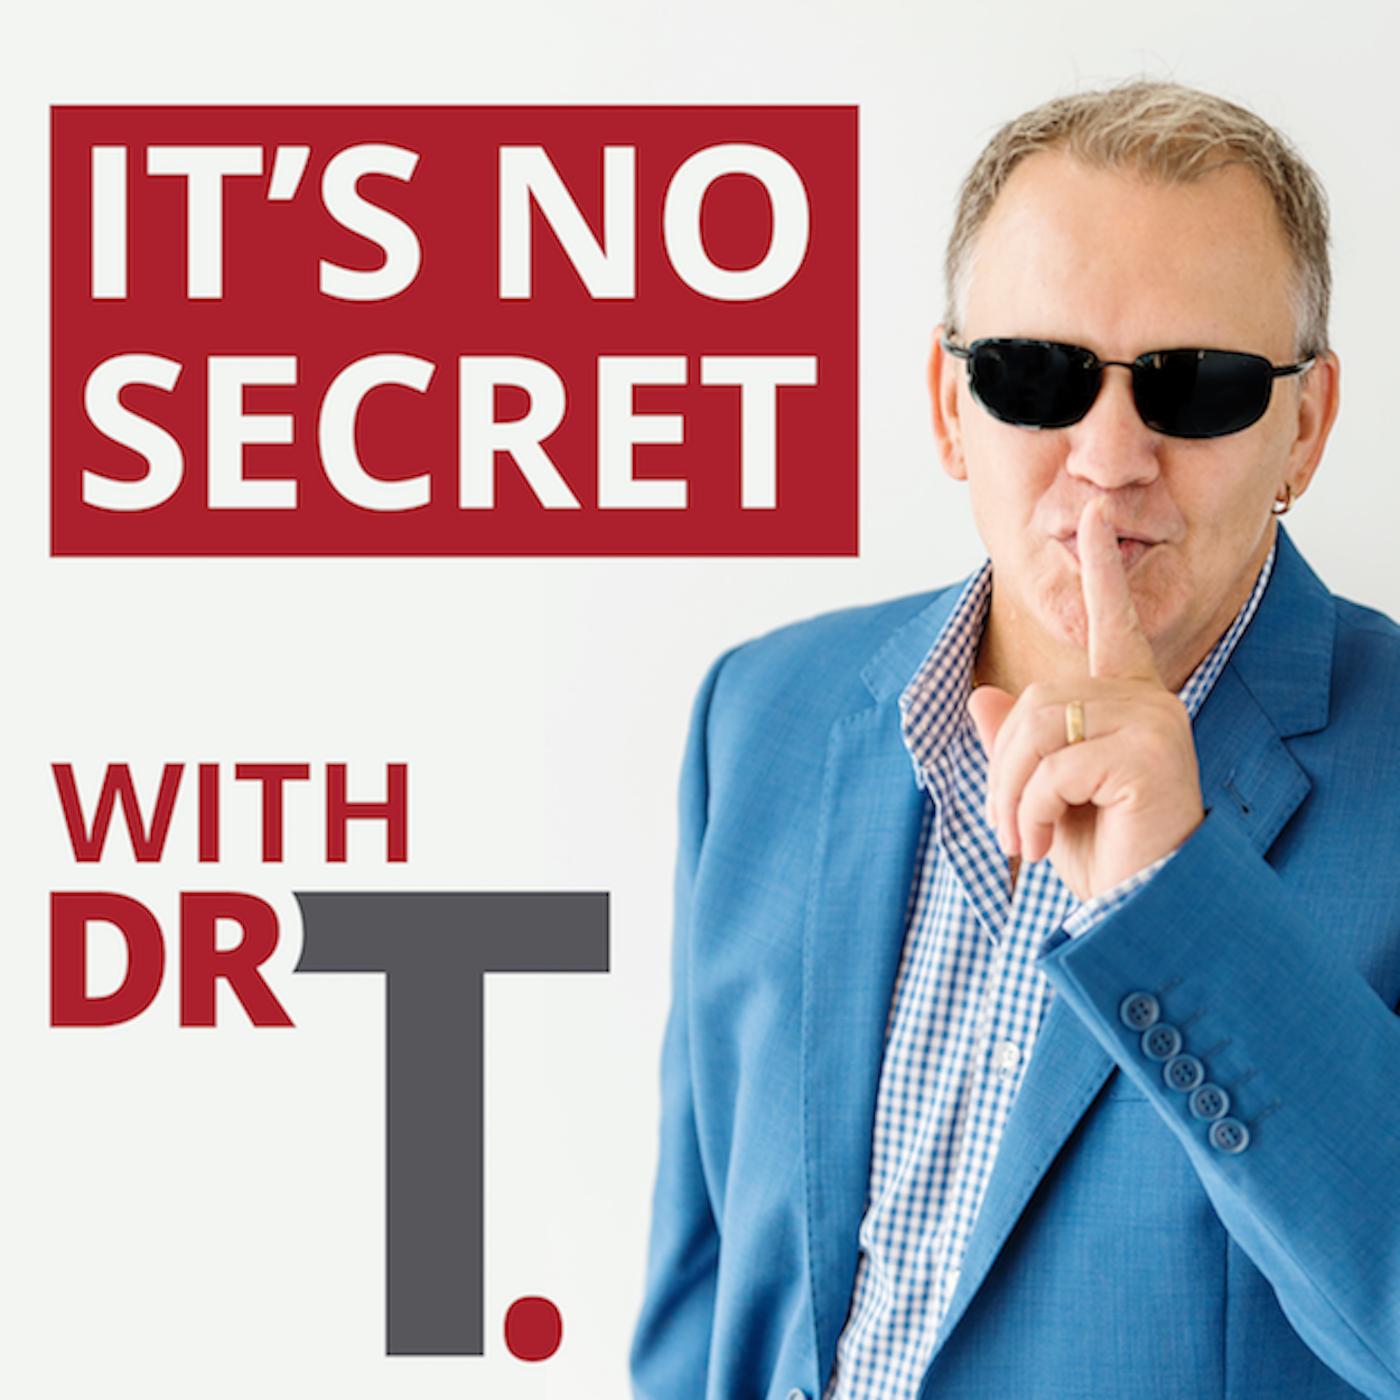 It's No Secret with Dr T.  show art